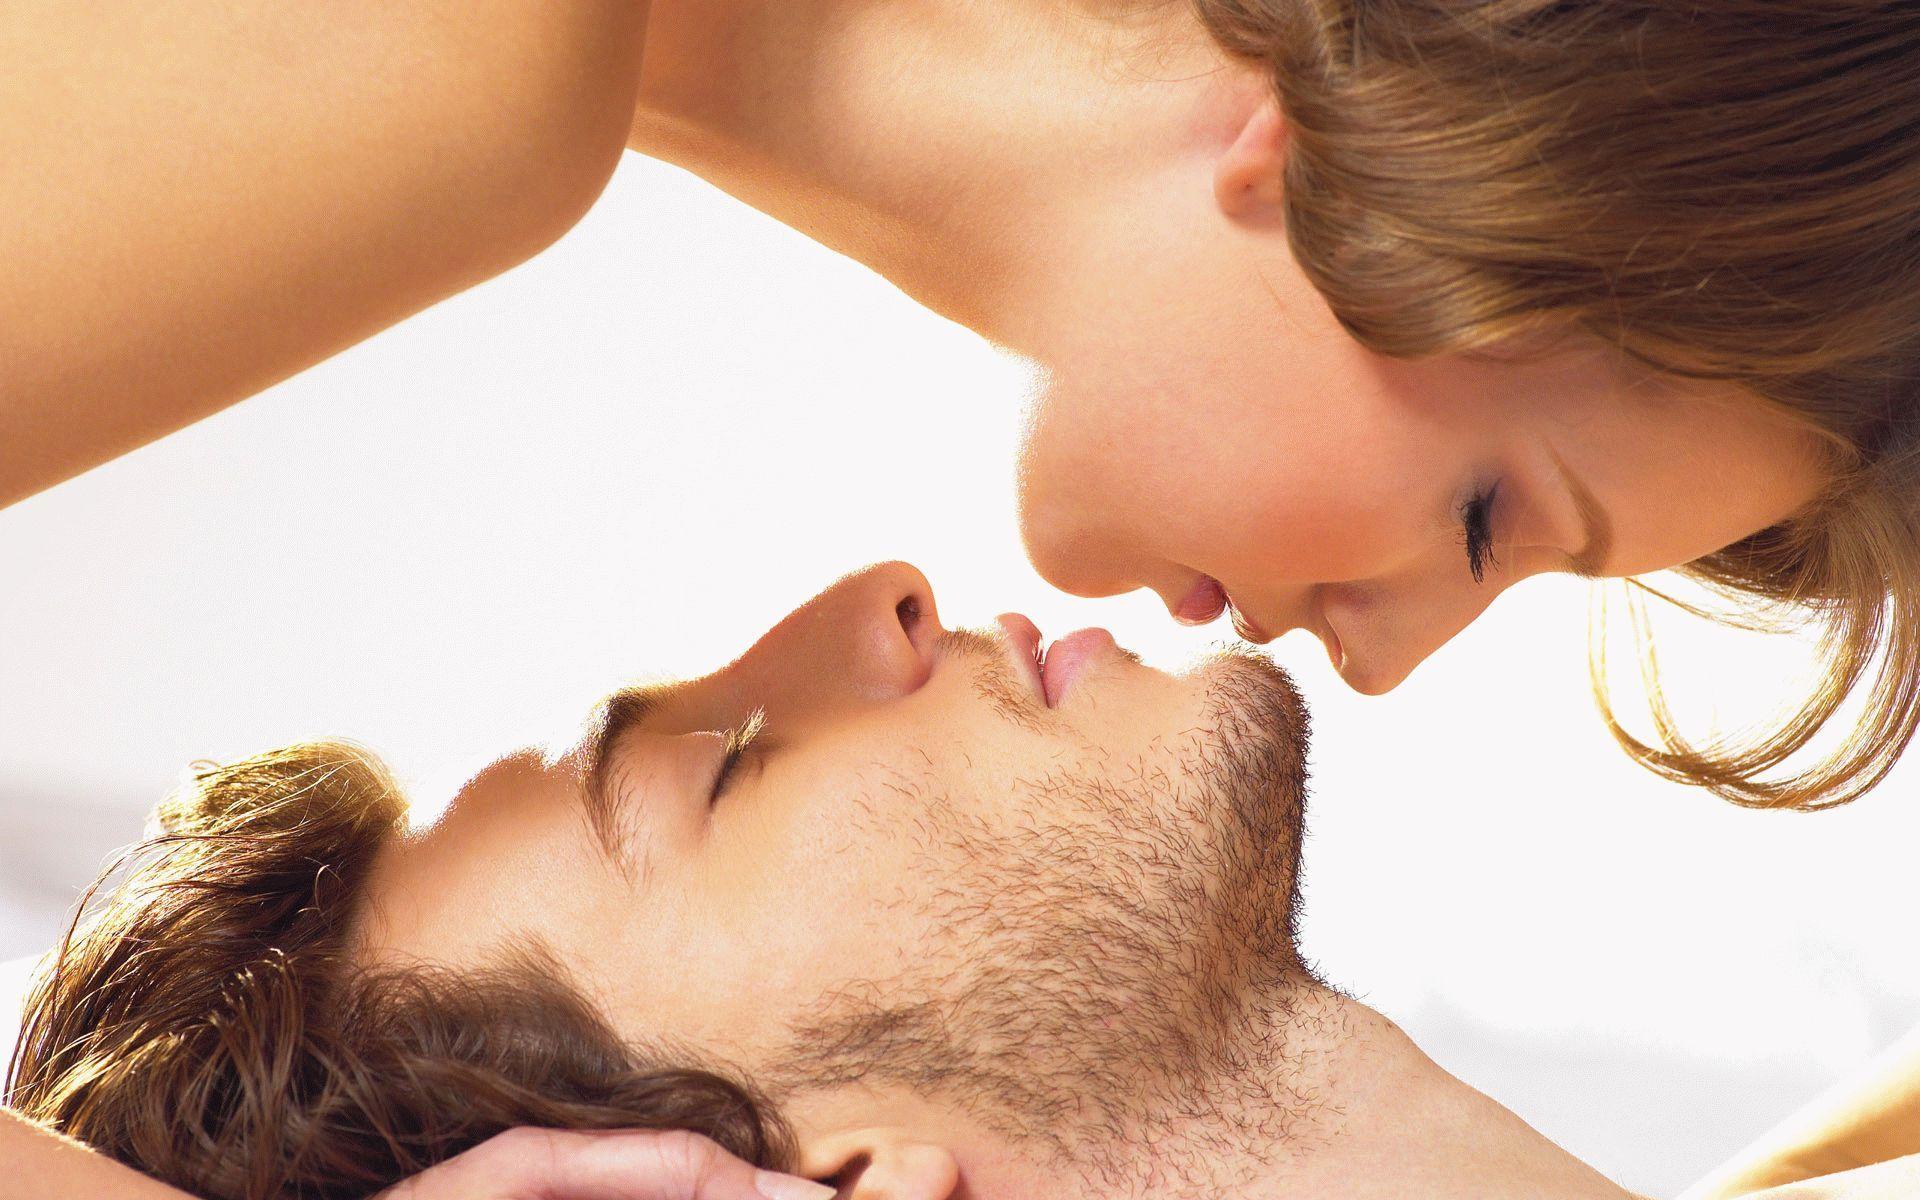 Молочница может передаться мужчине от женщины